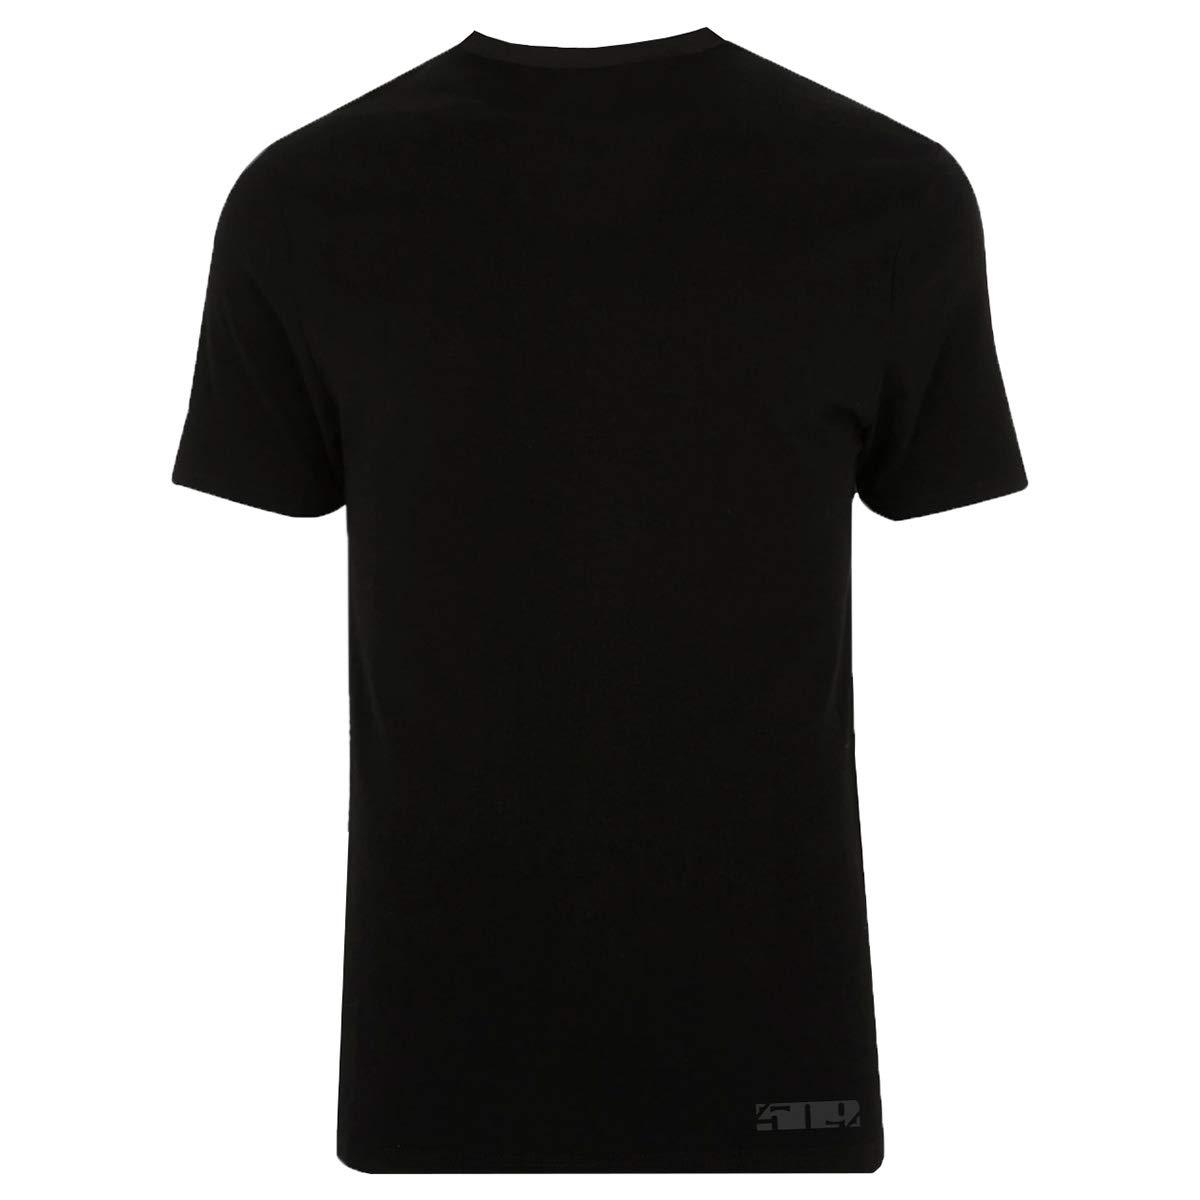 509 Locked in T-Shirt Black - Medium